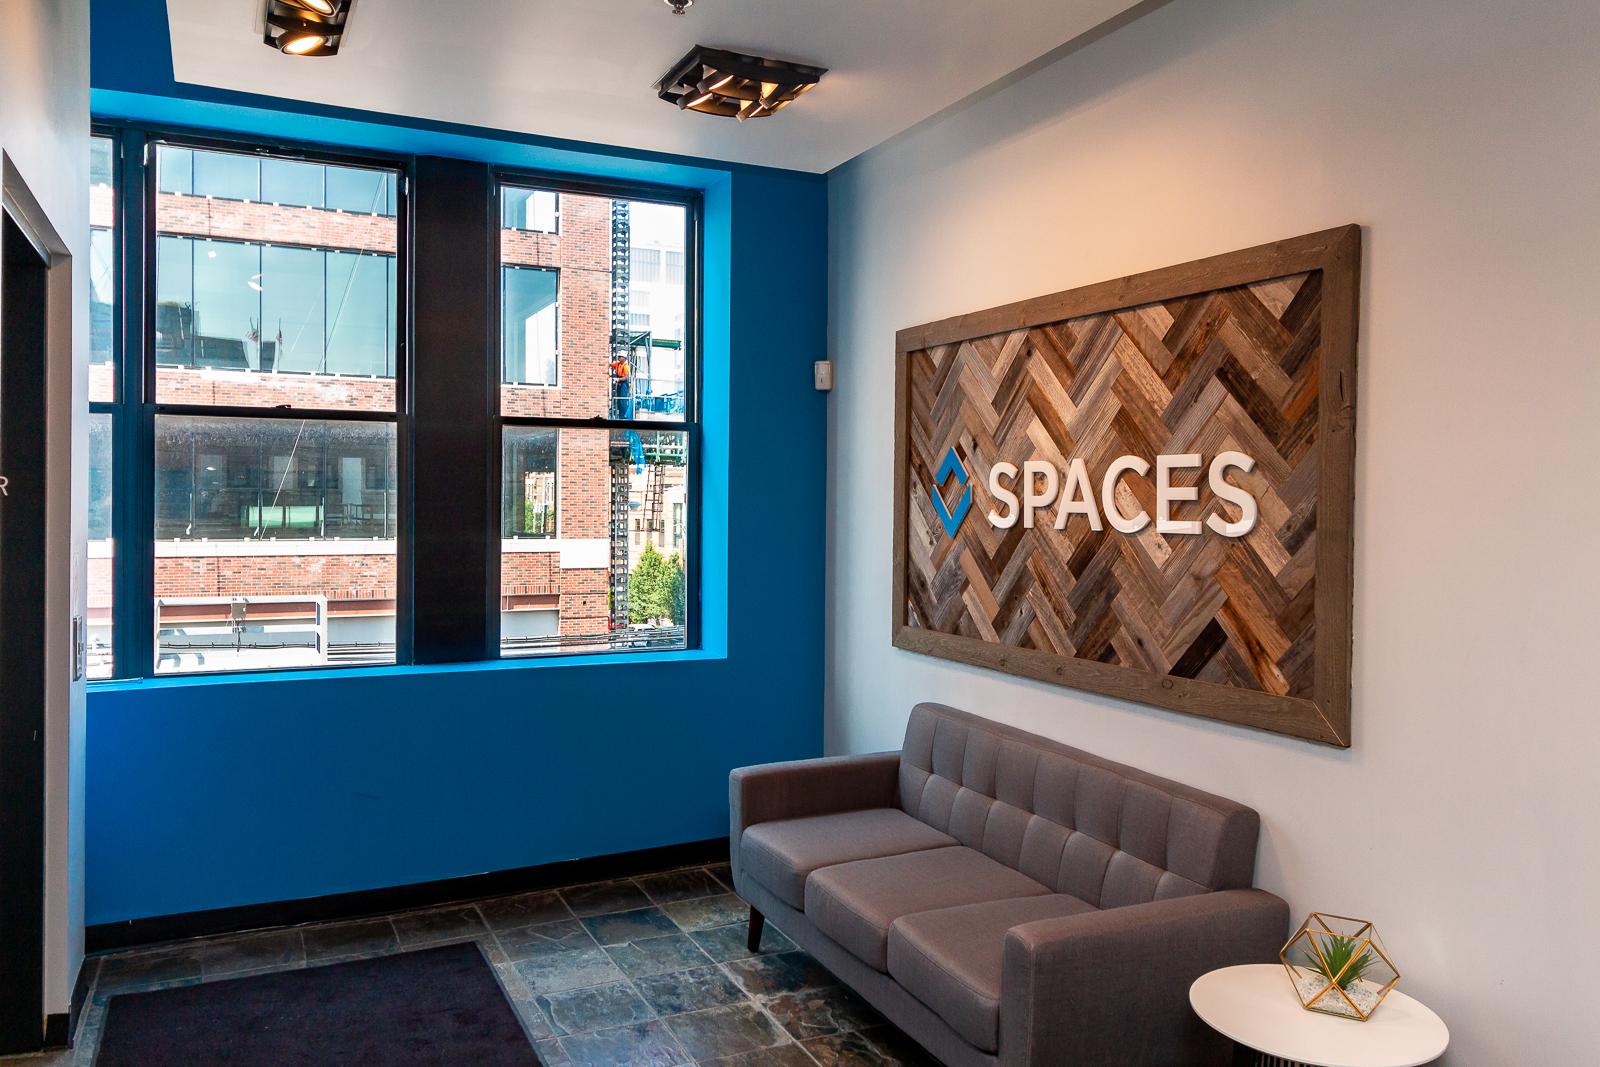 Spaces-Office-9.jpg